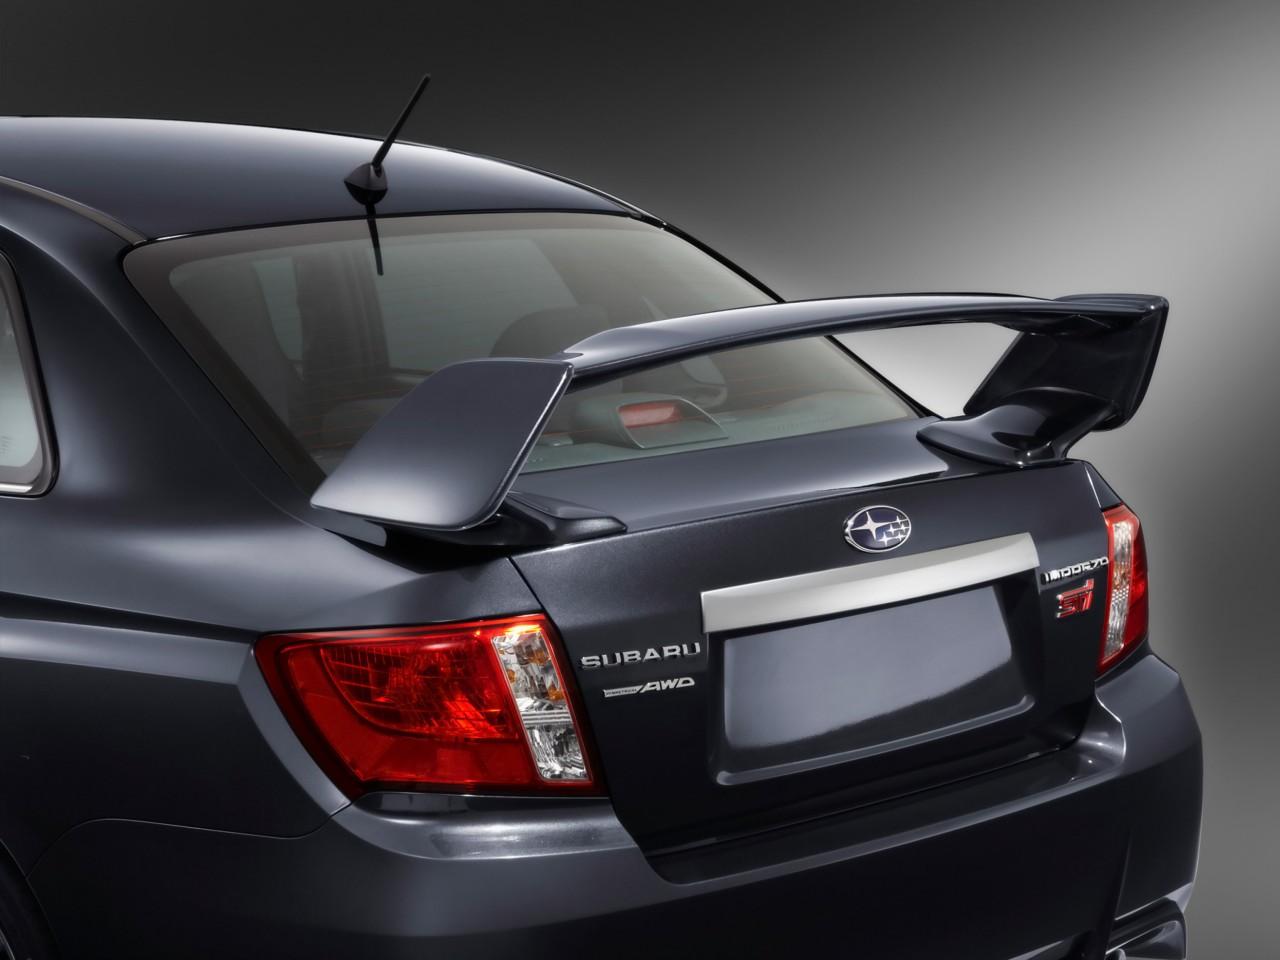 http://3.bp.blogspot.com/_nXZTHf70dhA/TGY9lV8ZS7I/AAAAAAAABNQ/OF3rJwngeYc/s1600/2011+Subaru+Impreza+WRX+STI5.jpg